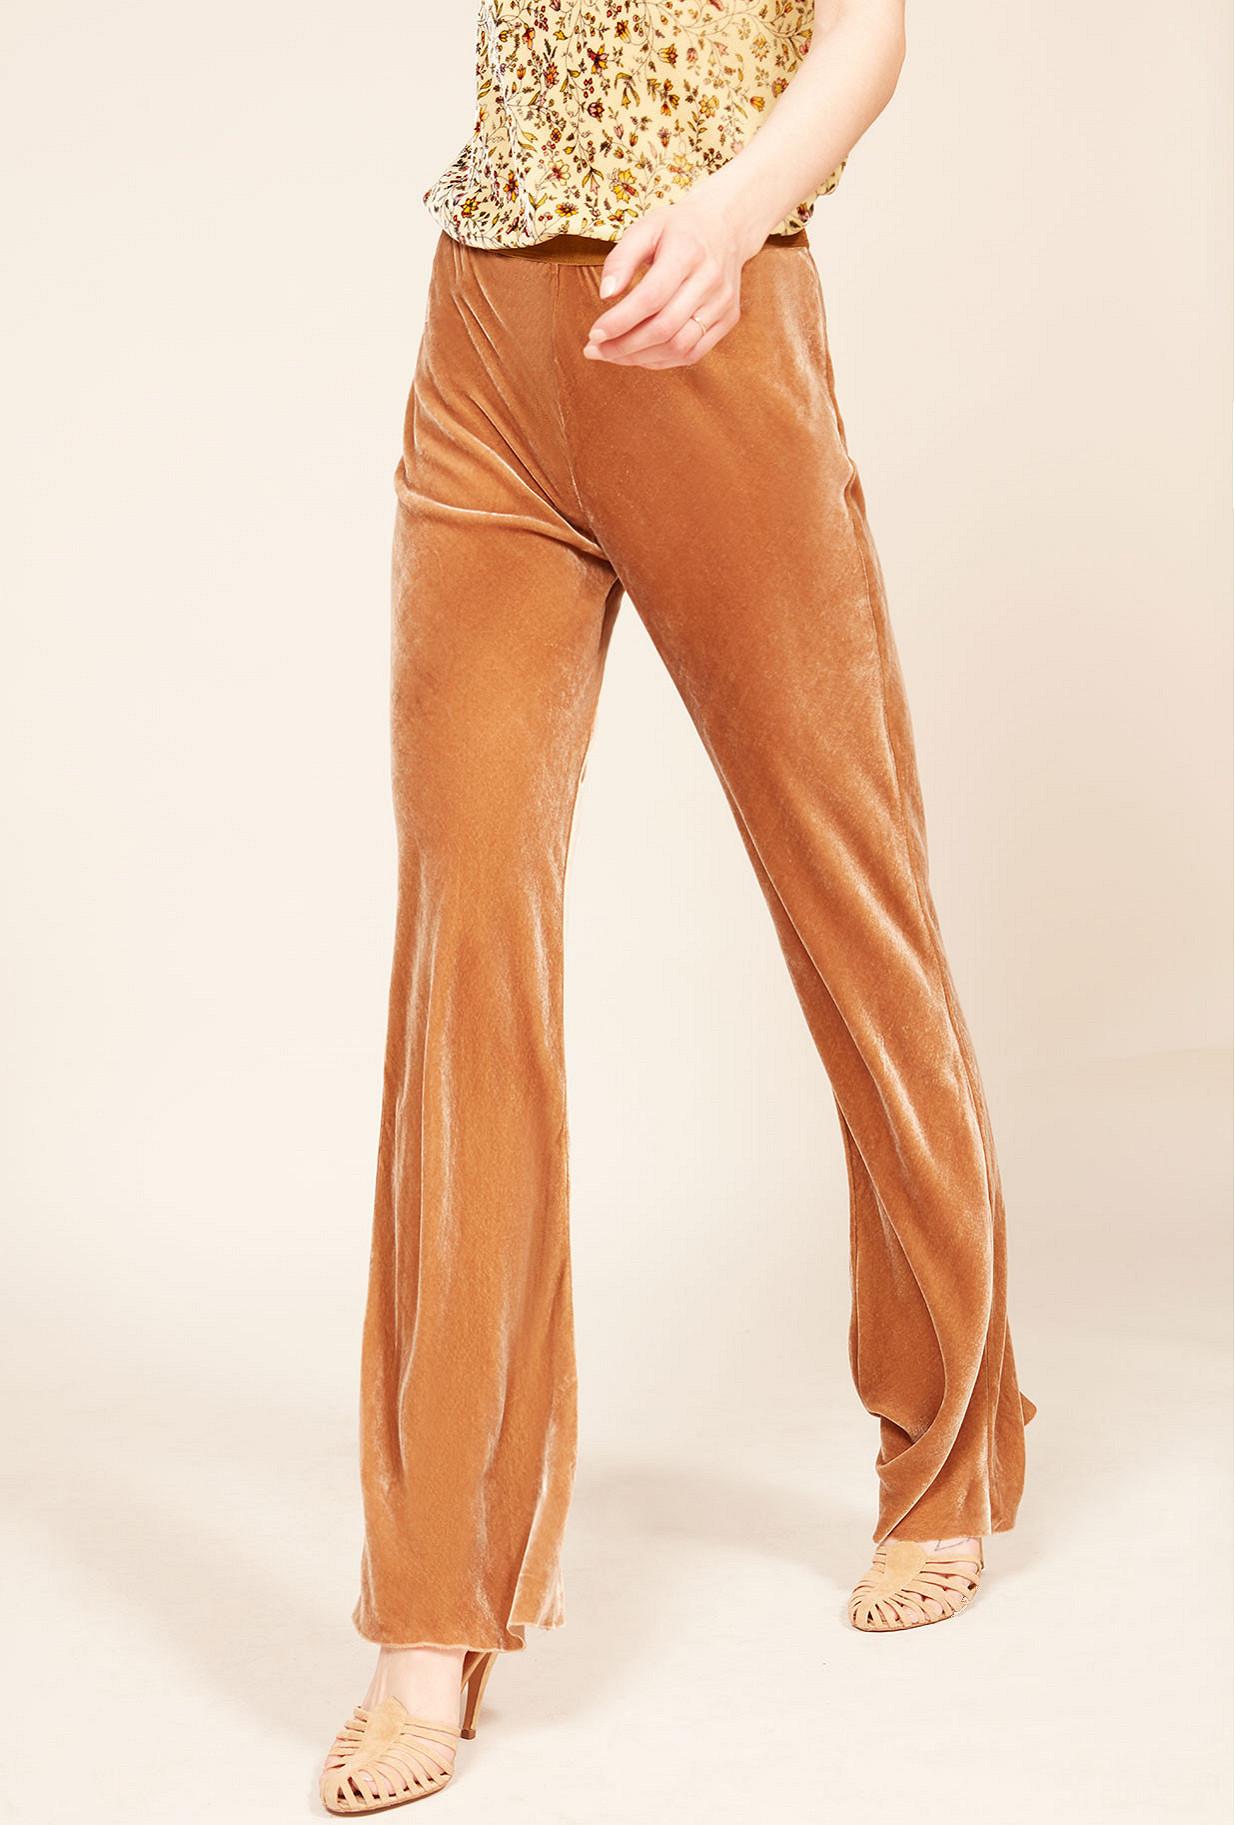 Pantalon Nude  Slither mes demoiselles paris vêtement femme paris